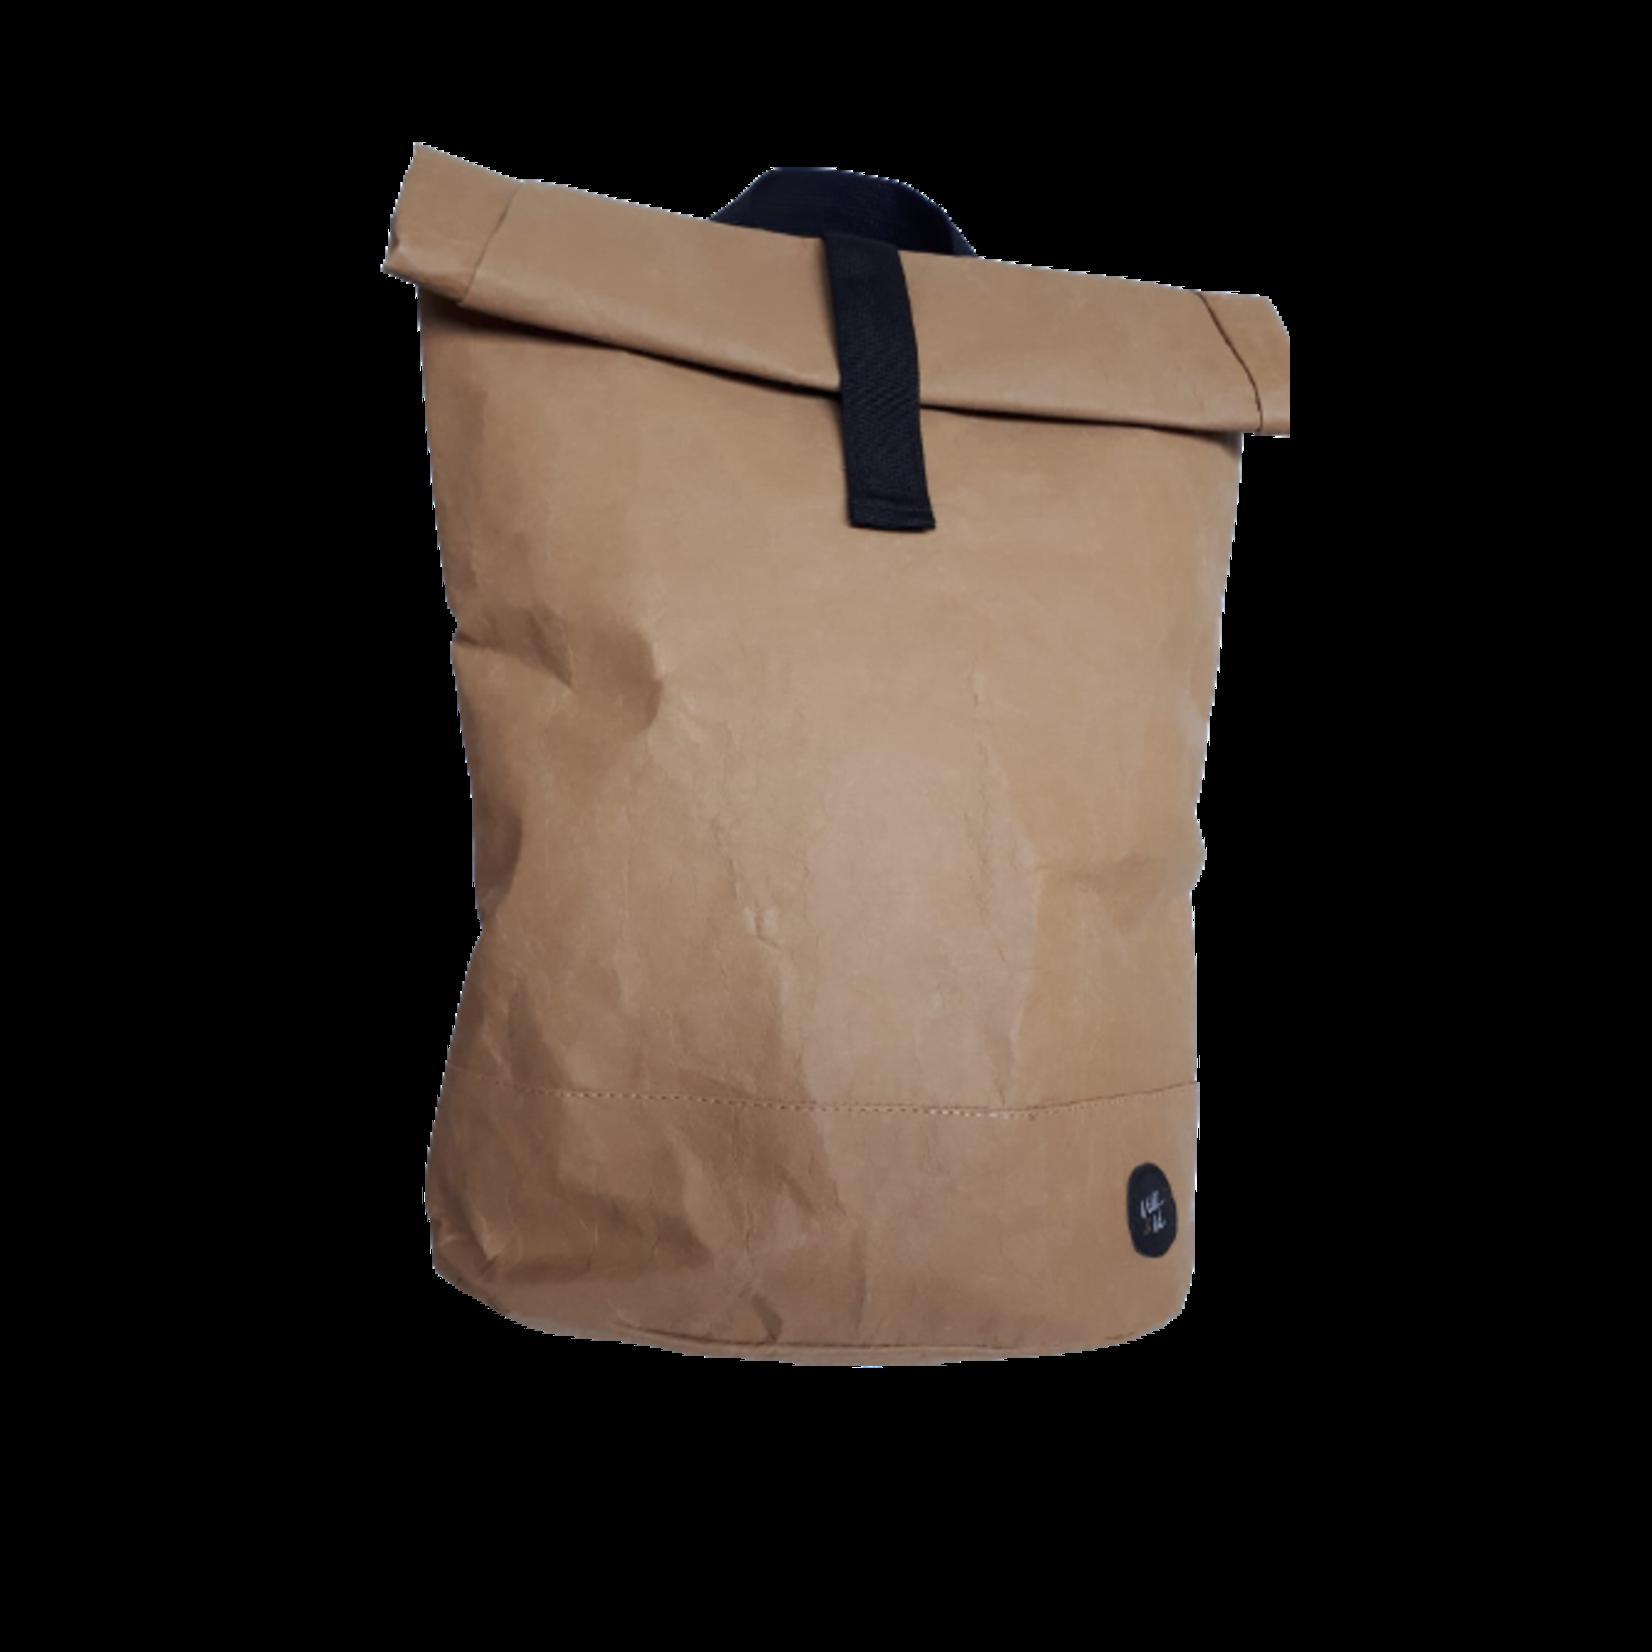 De duurzame rugzak   Krafpapieren rugtas bruin van Villi en Ve